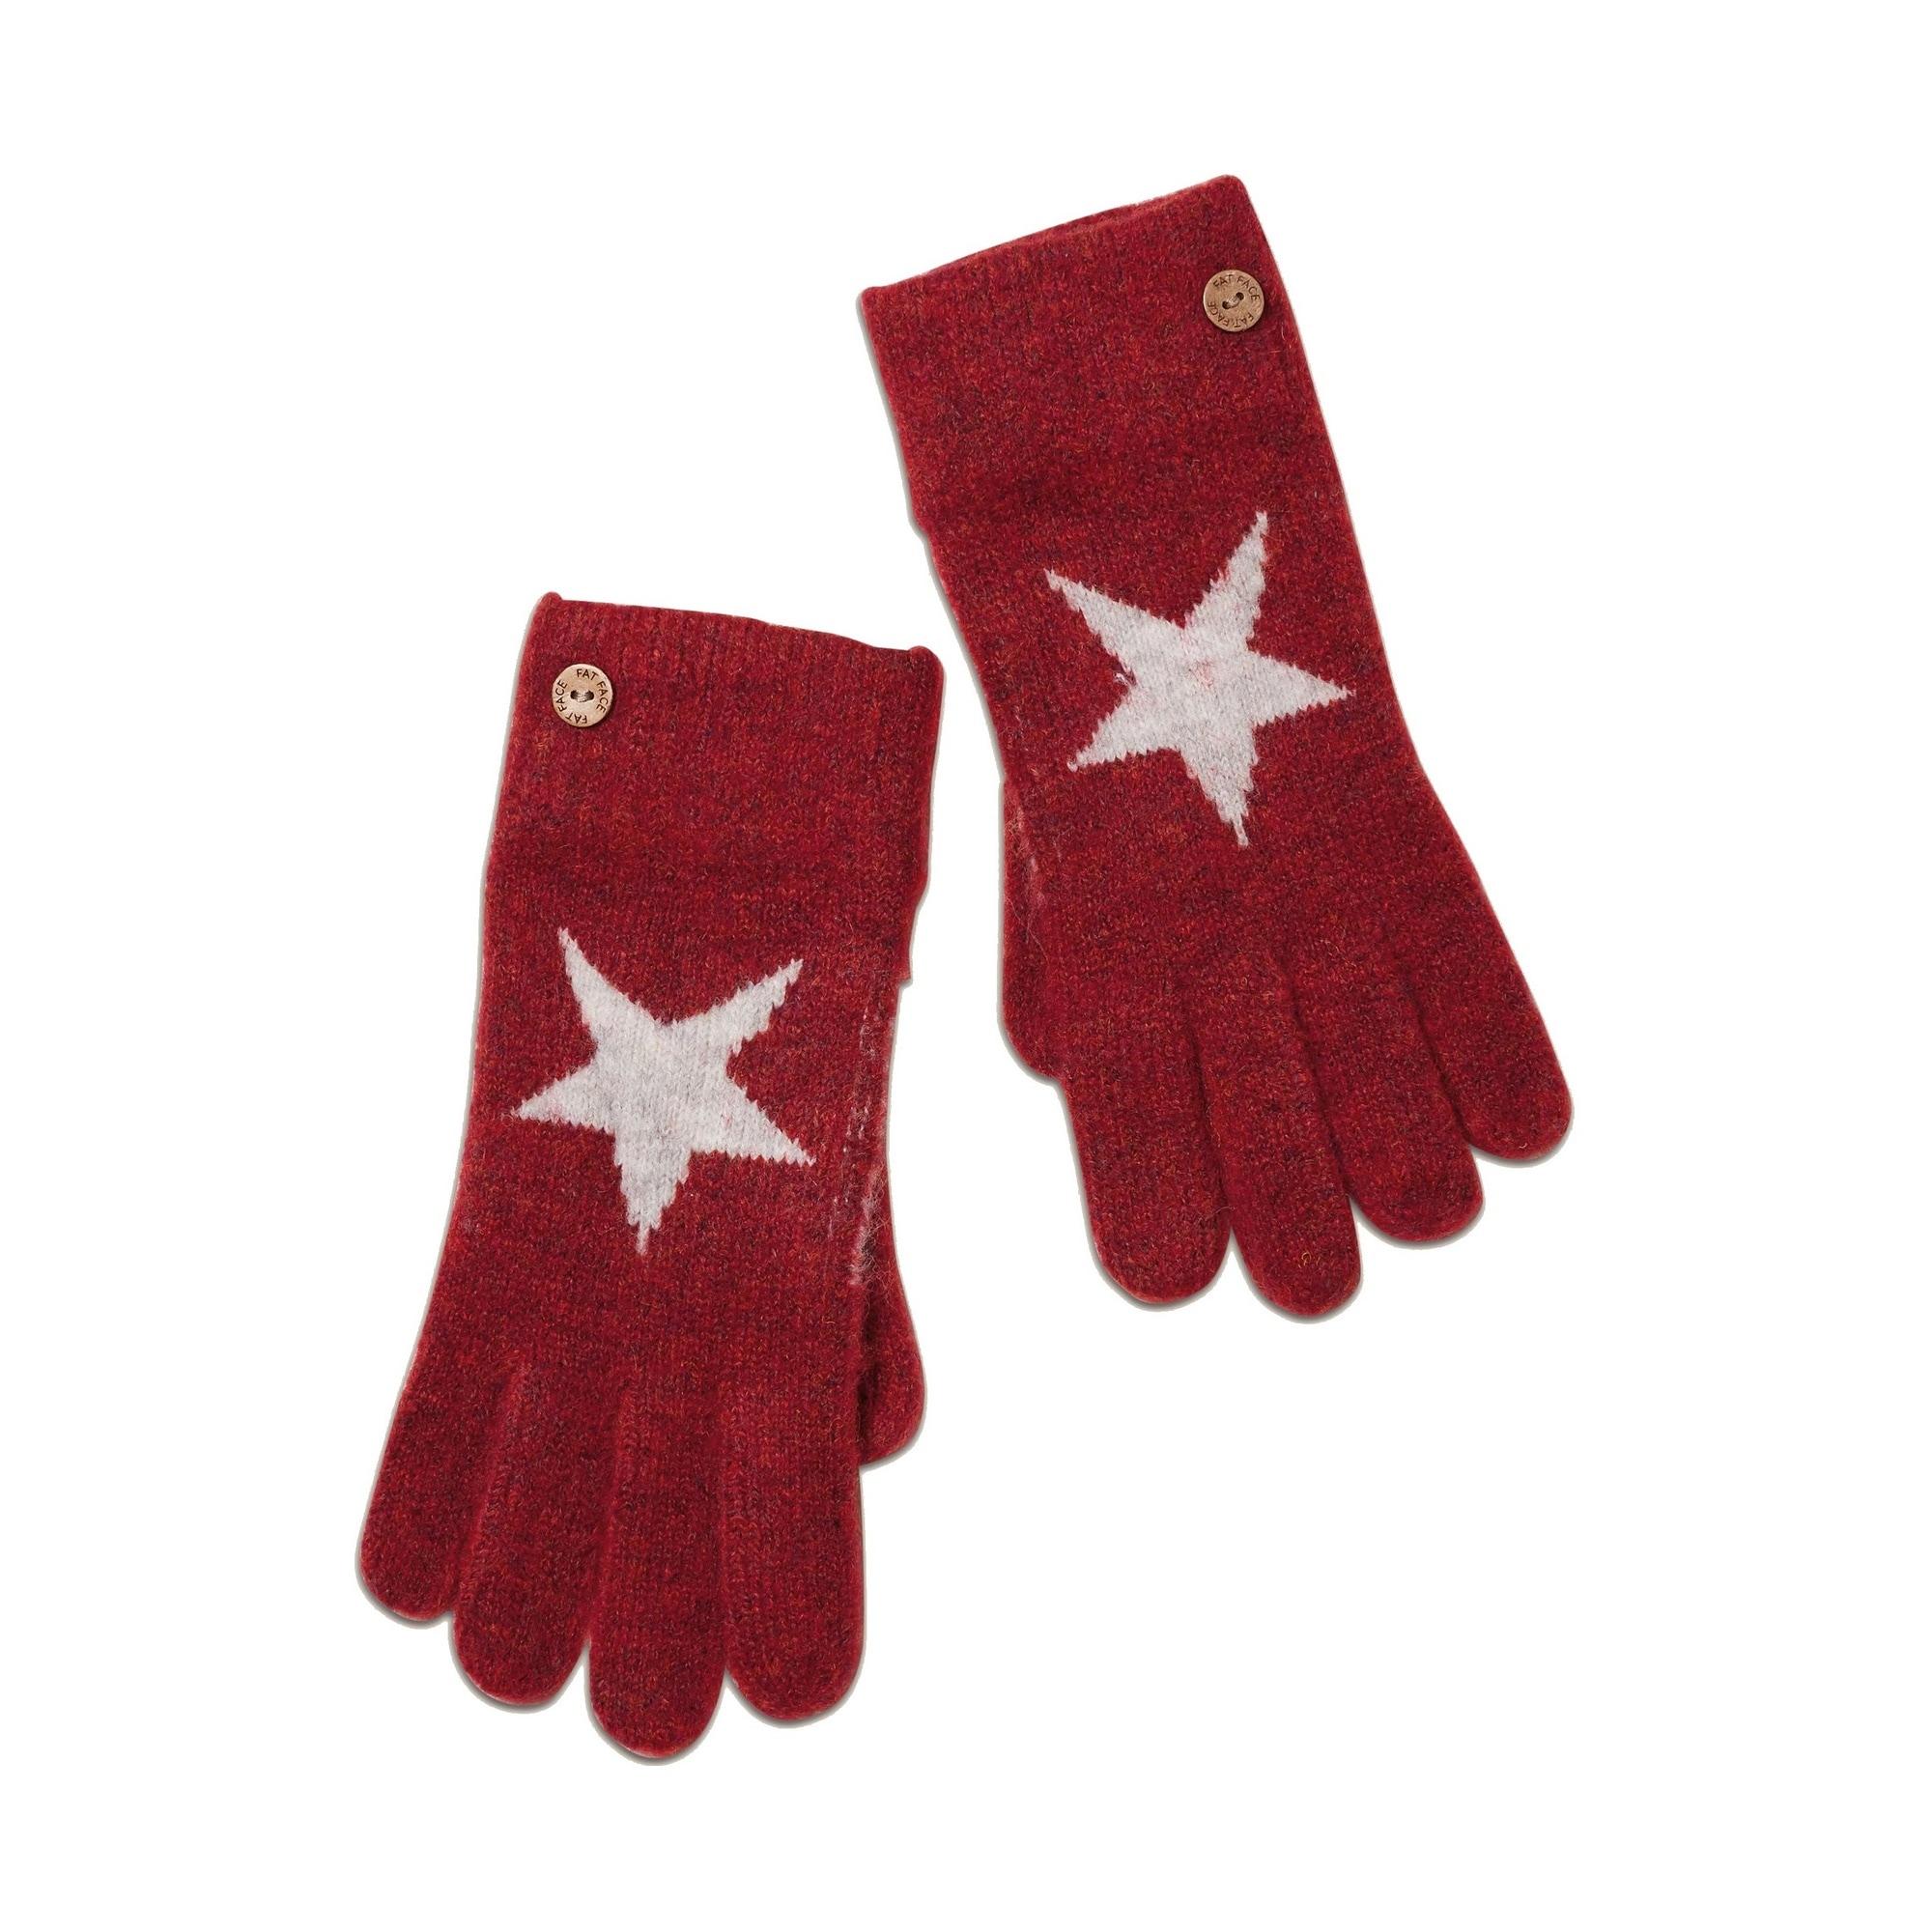 FatFace Strickhandschuhe Damen Handschuhe mit Sternemotiv | Accessoires > Handschuhe > Strickhandschuhe | Fatface